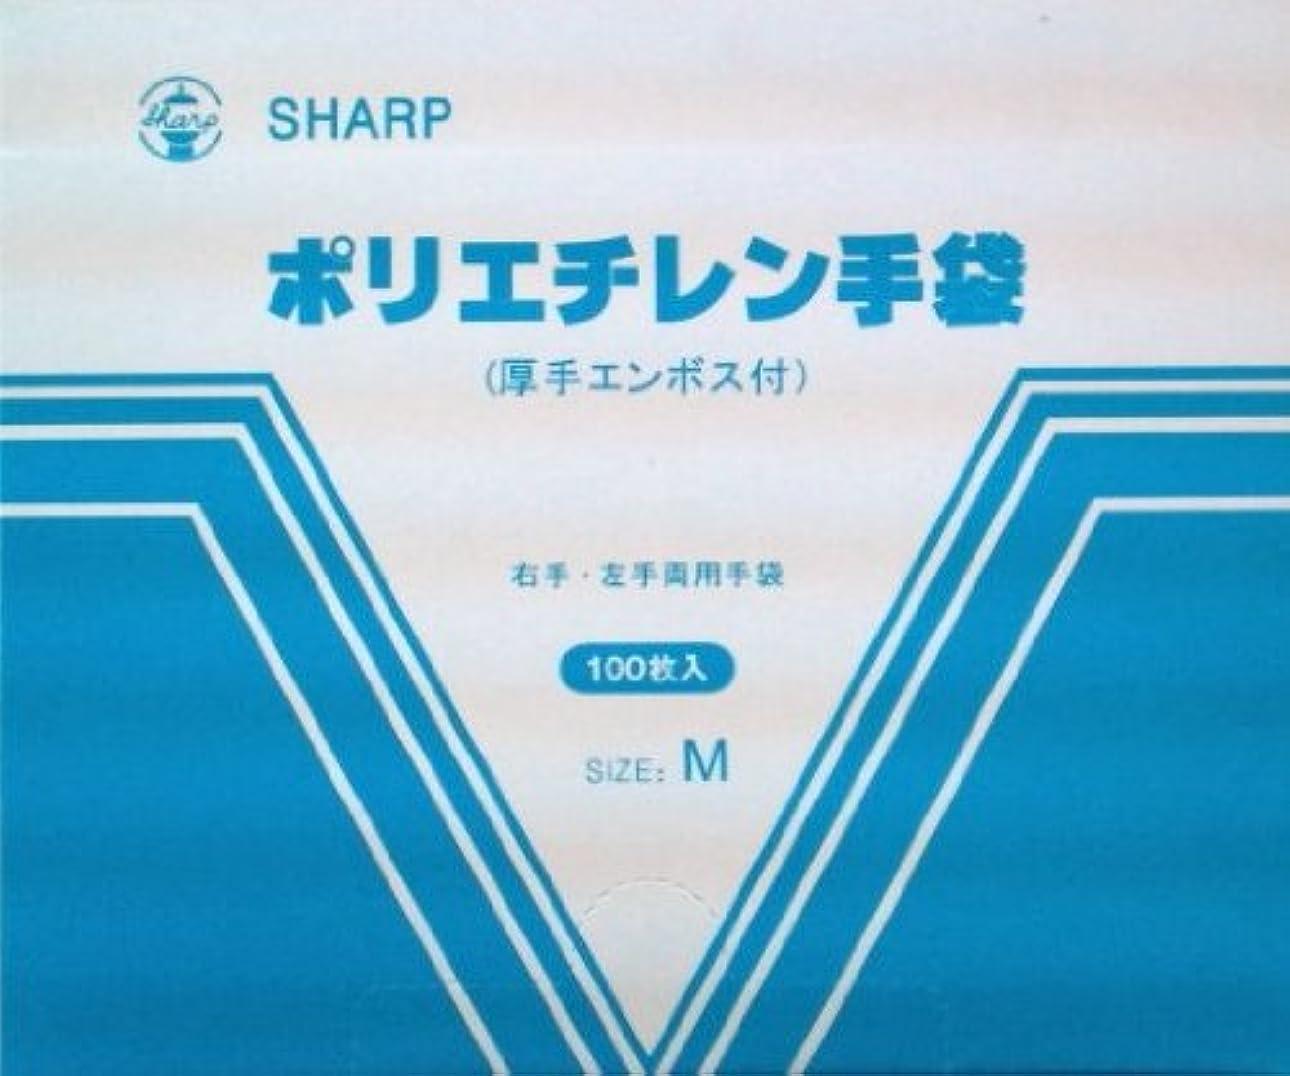 ミス無臭忍耐新鋭工業 SHARP ポリエチレン手袋 左右兼用100枚入り Mサイズ 100枚入り